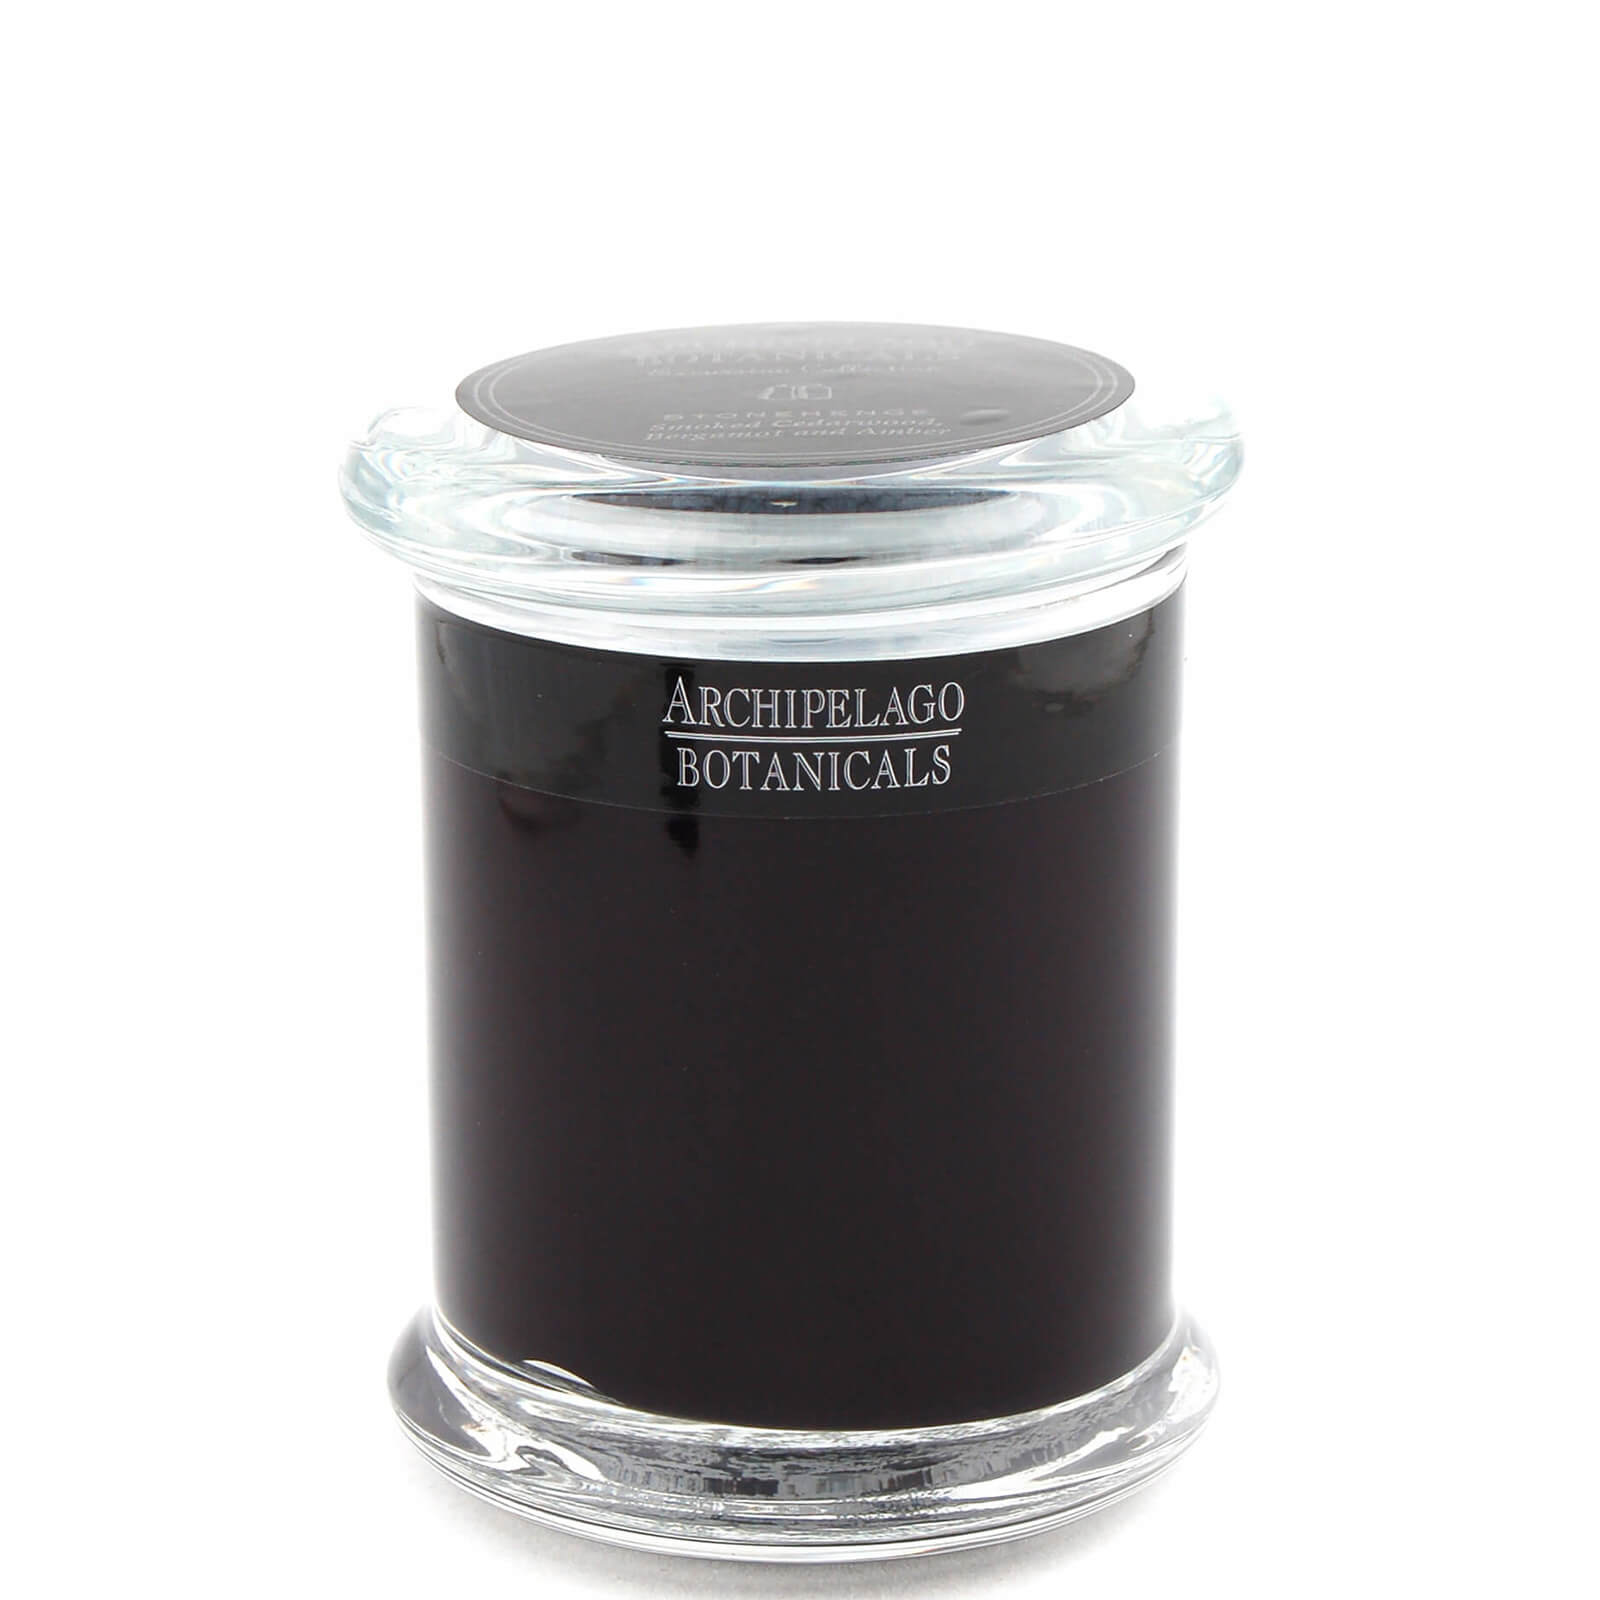 Купить Декоративная ароматическая свеча в стеклянной баночкеArchipelago Botanicals Excursions Jar Stonehenge Candle 244г